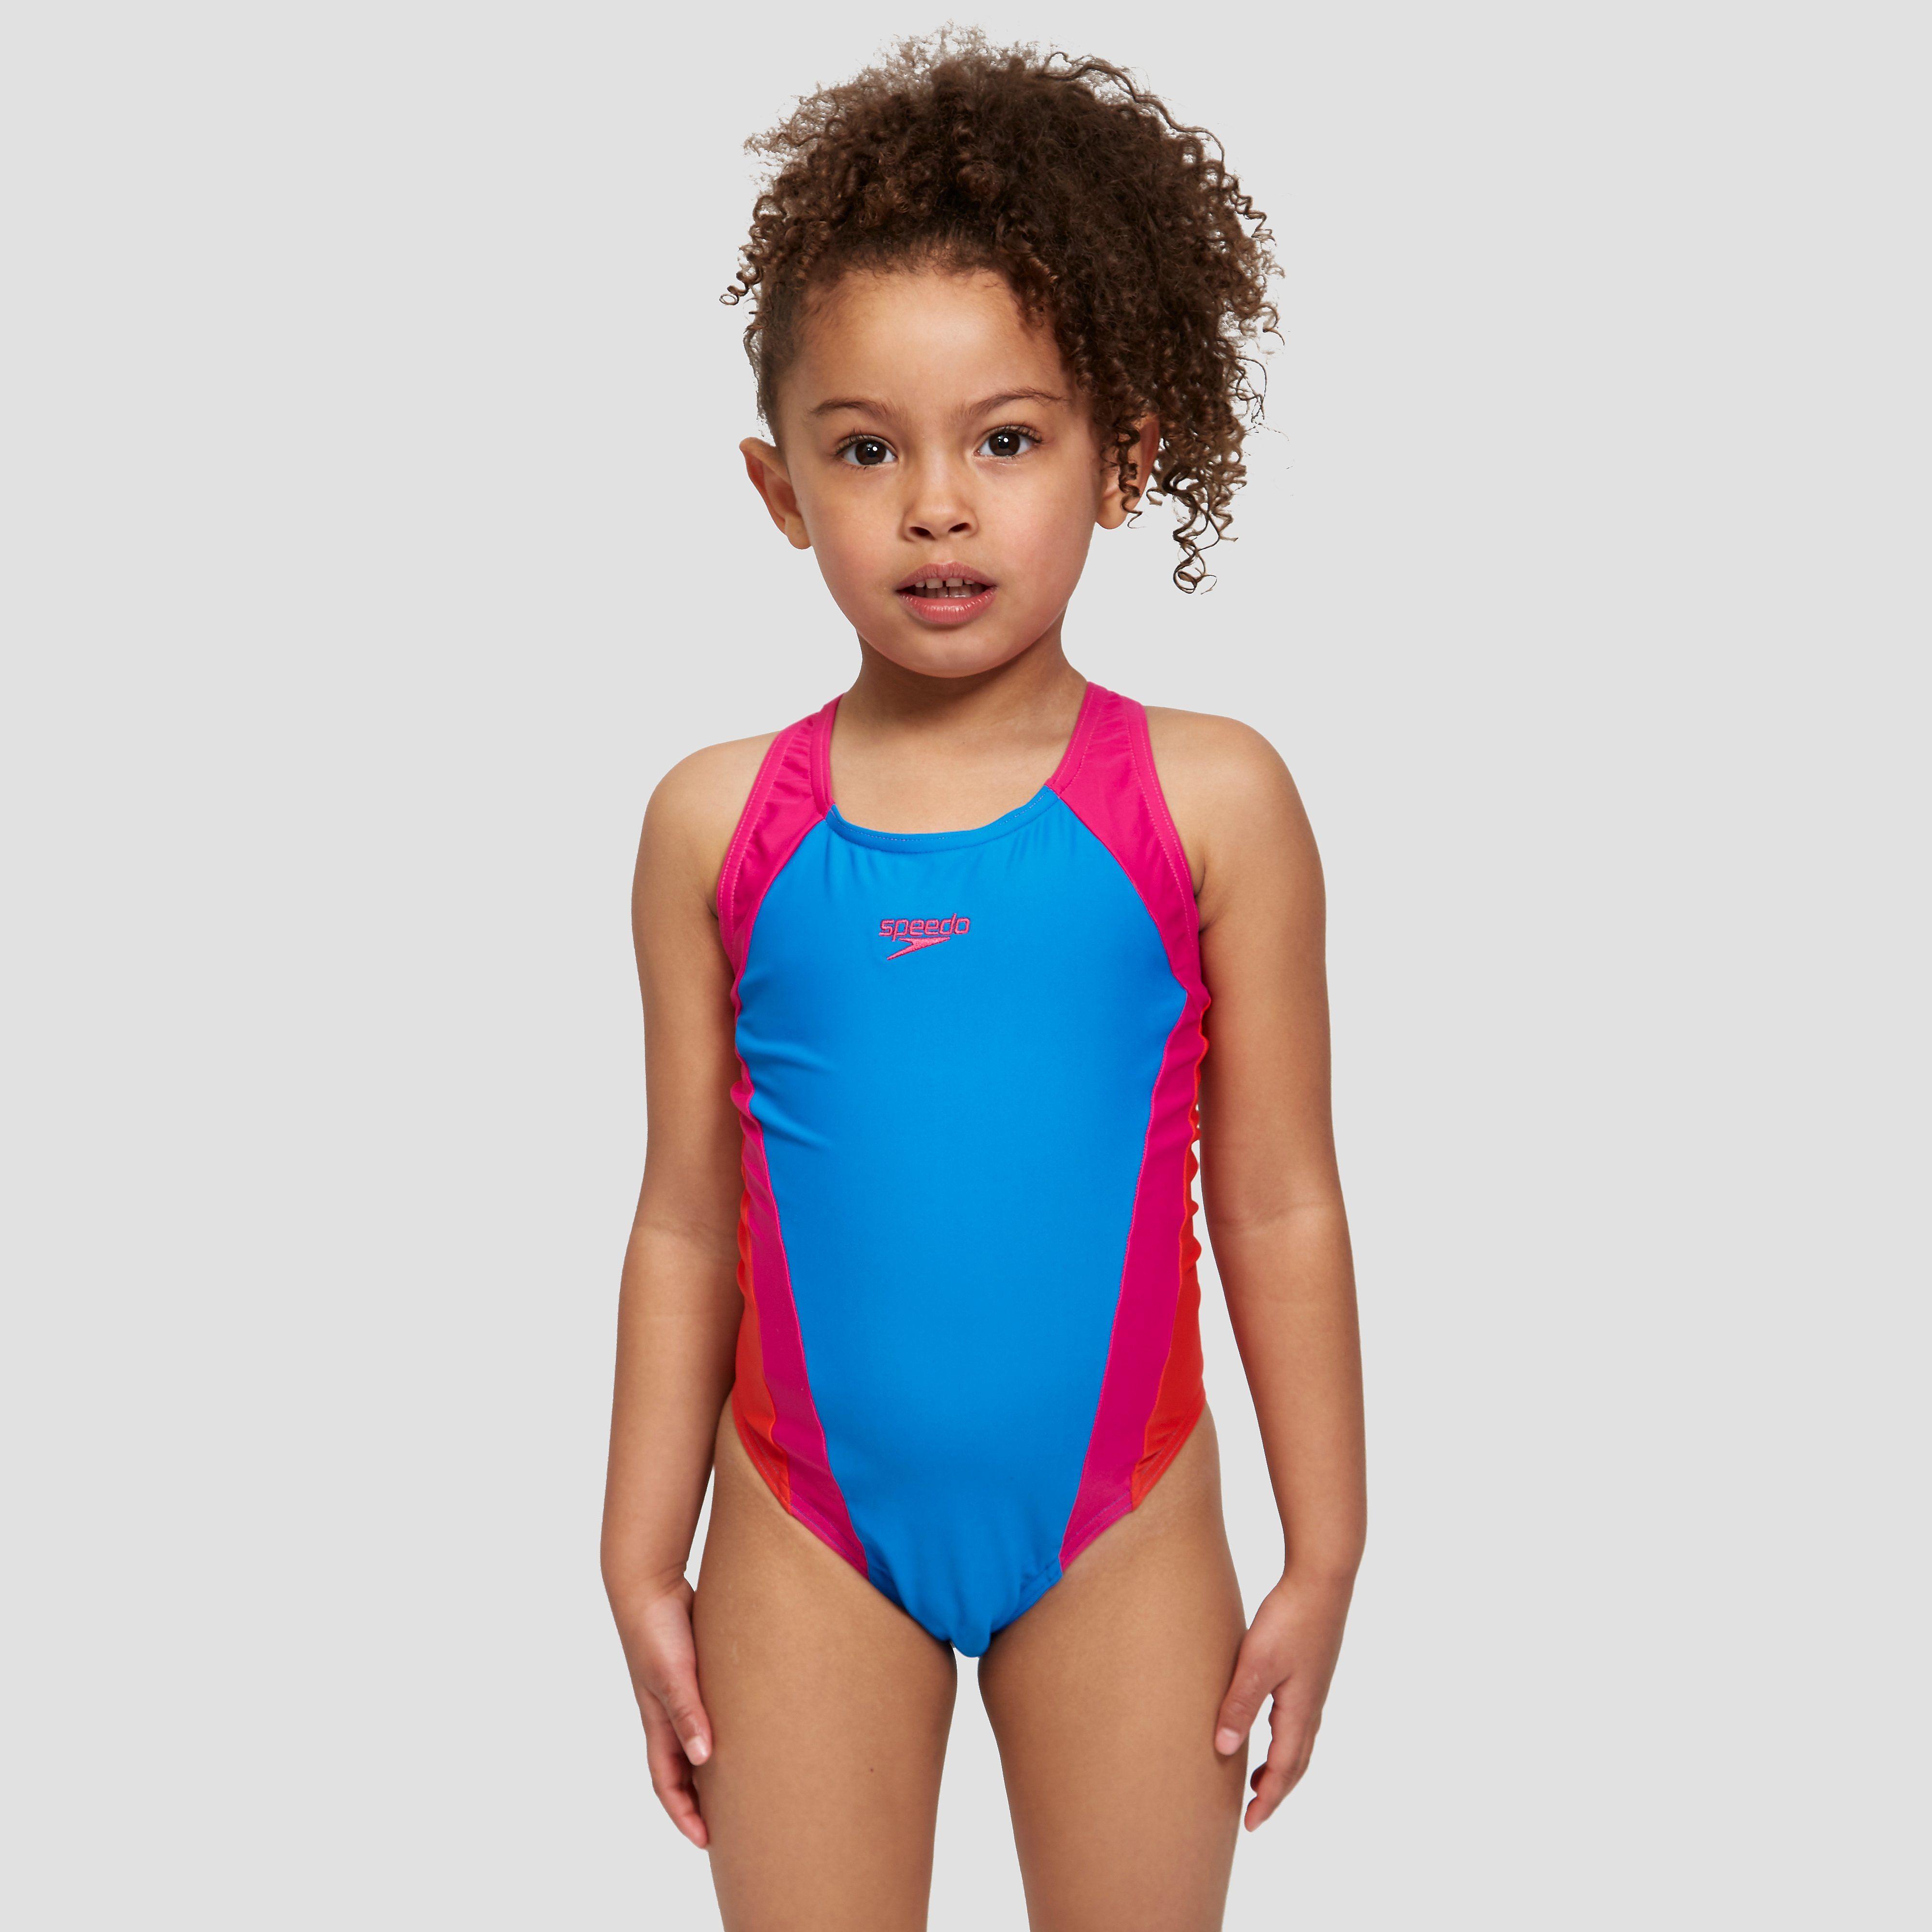 teen-models-in-speedo-swimwear-pics